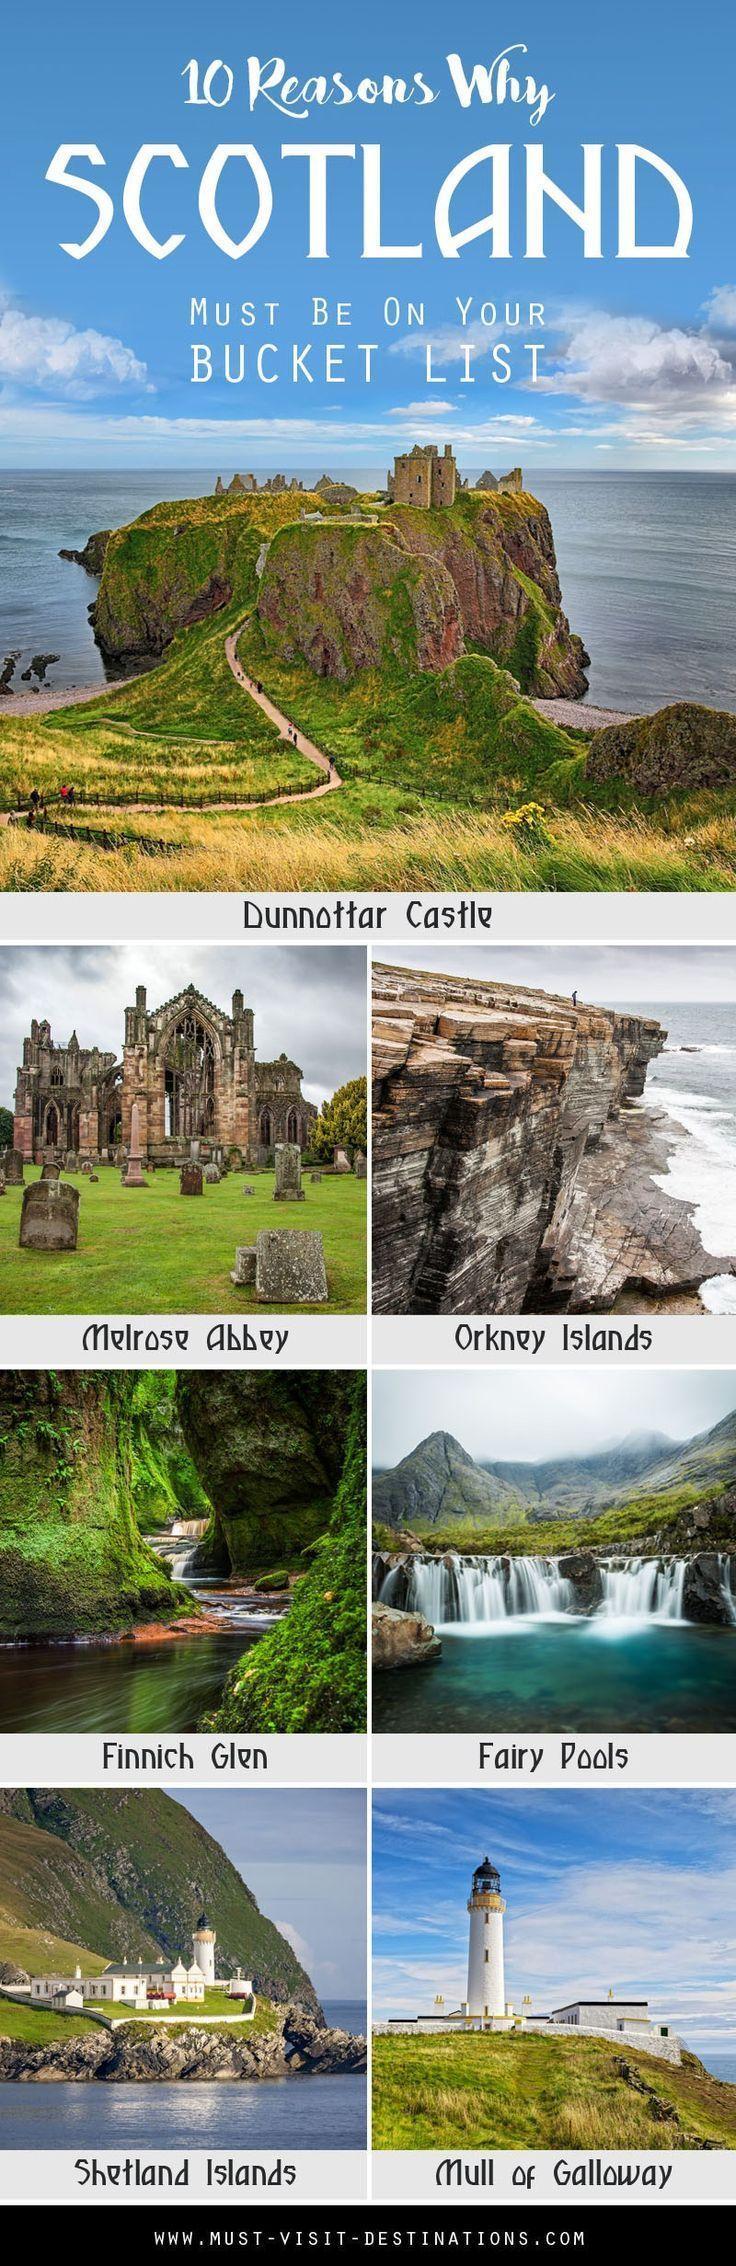 Fragen Sie sich, welches Reiseziel Sie dieses Jahr besuchen sollten? Hier sind